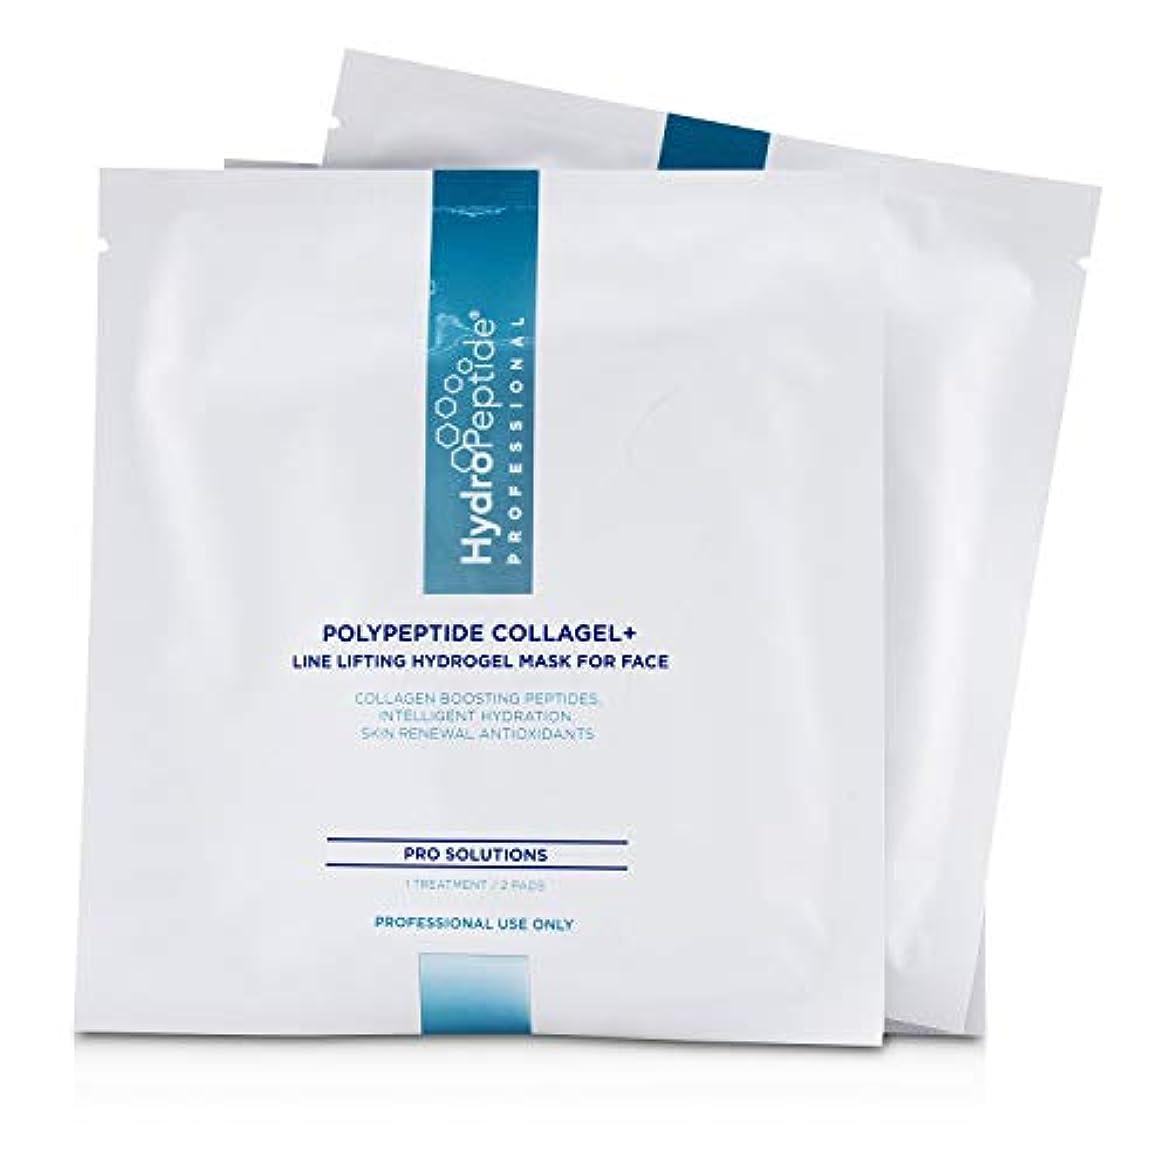 興奮感動する解凍する、雪解け、霜解けハイドロペプチド Polypeptide Collagel+ Line Lifting Hydrogel Mask For Face (Salon Product) 12sheets並行輸入品